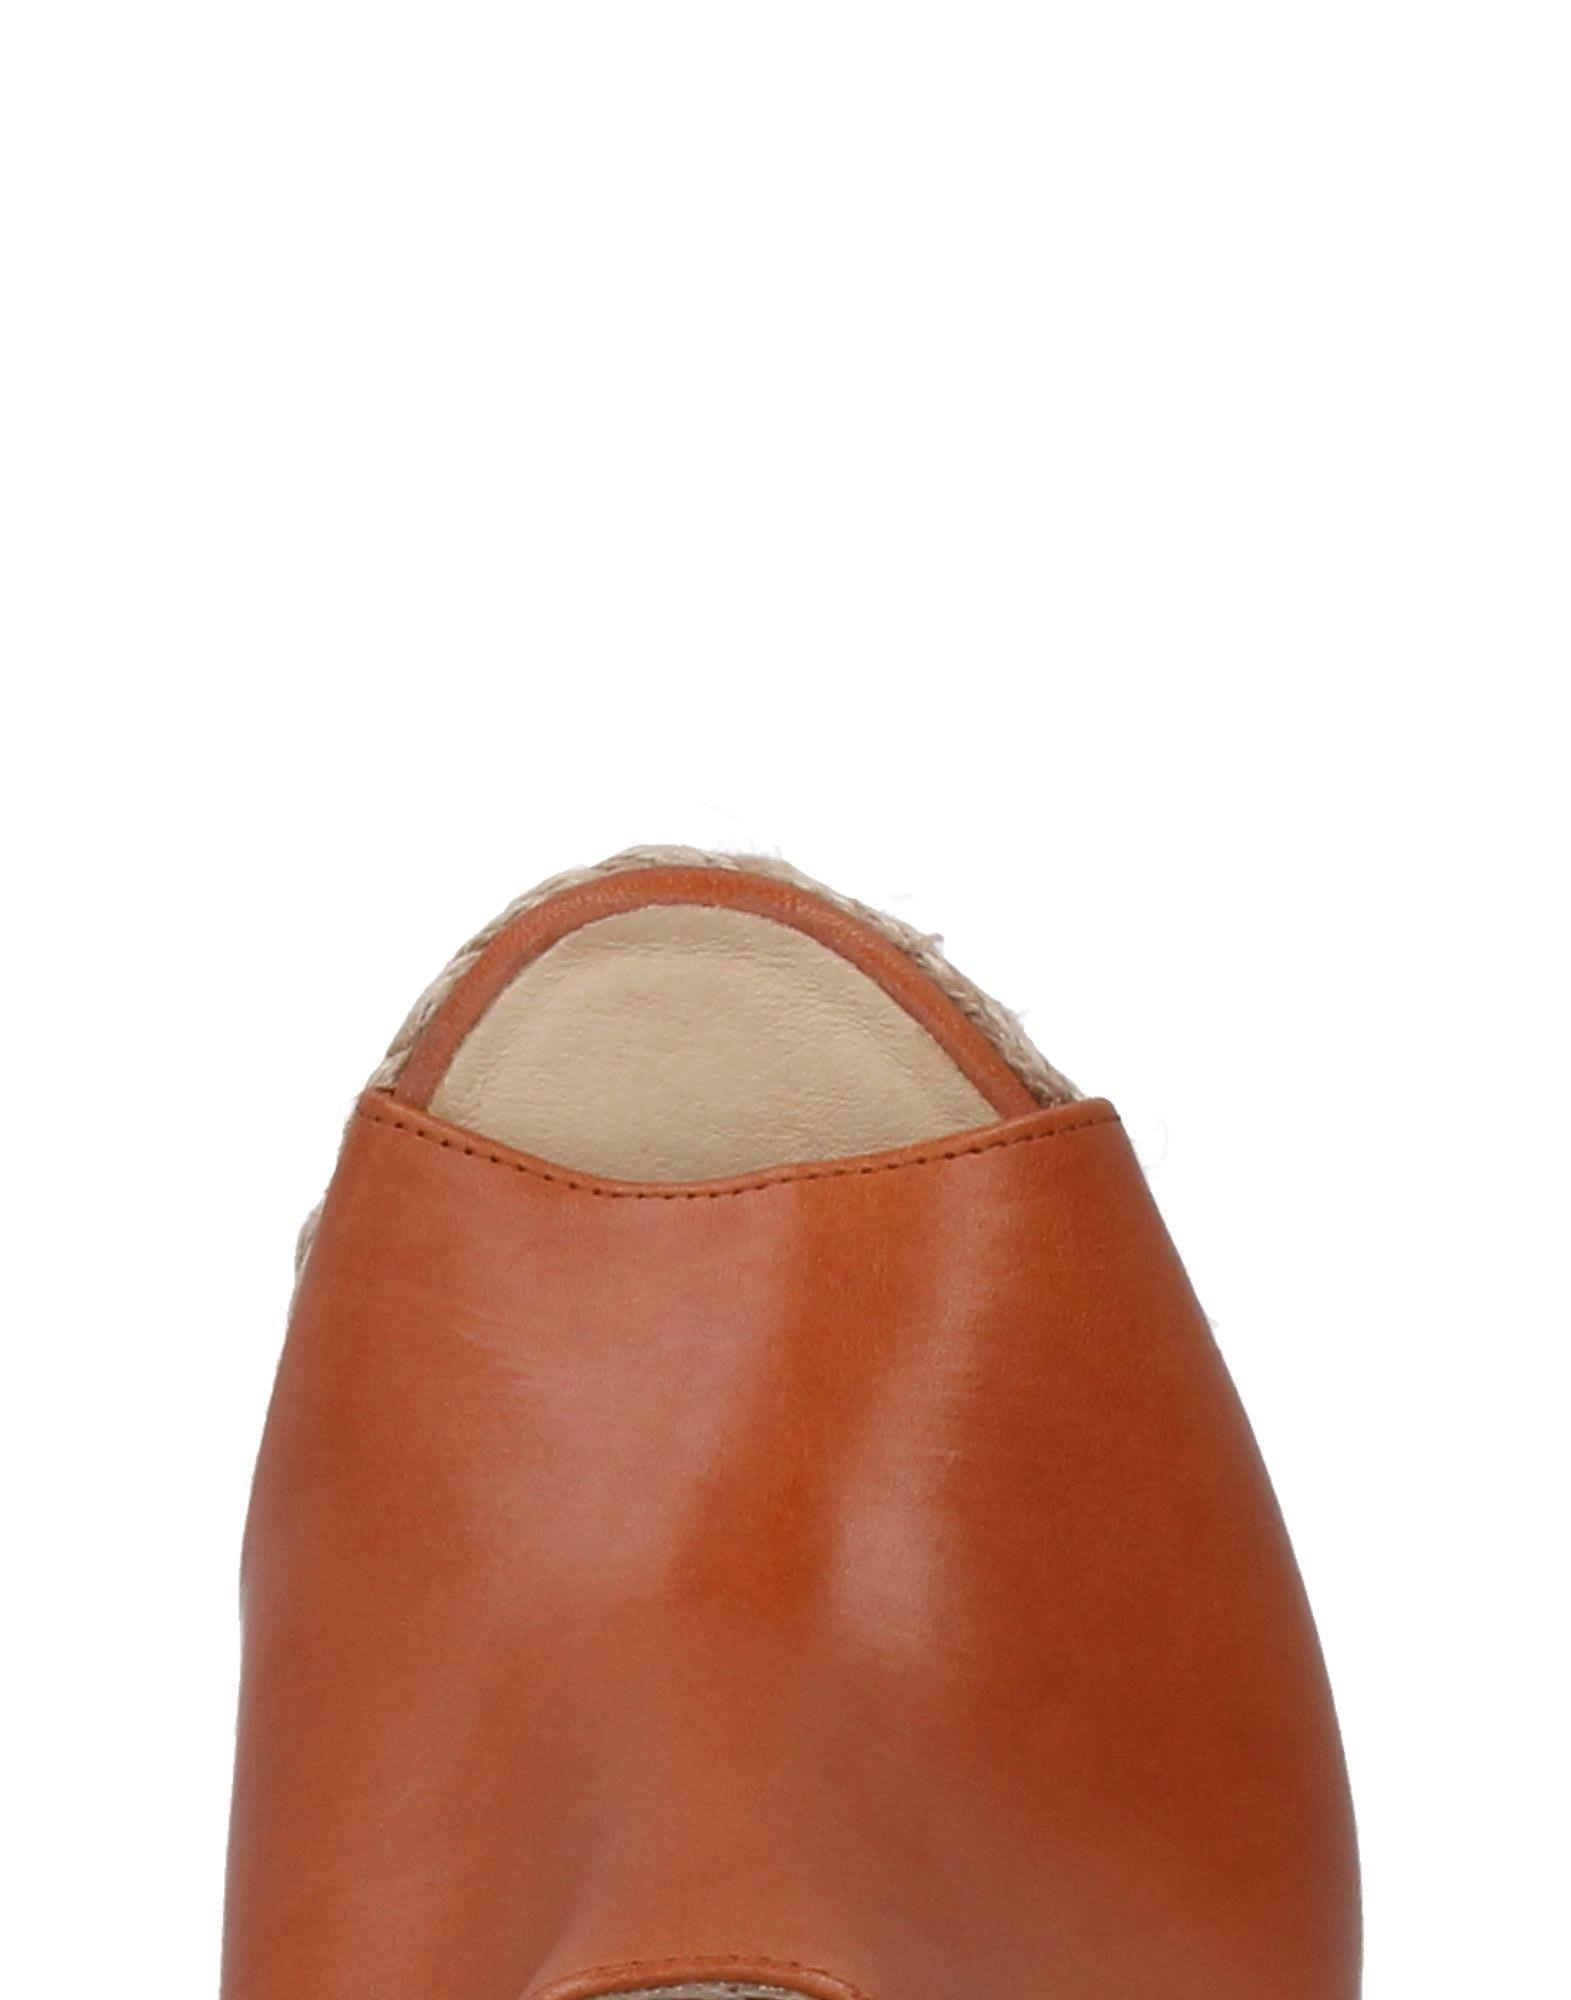 Espadrilles Gute Sandalen Damen  11356567SB Gute Espadrilles Qualität beliebte Schuhe a19a5f